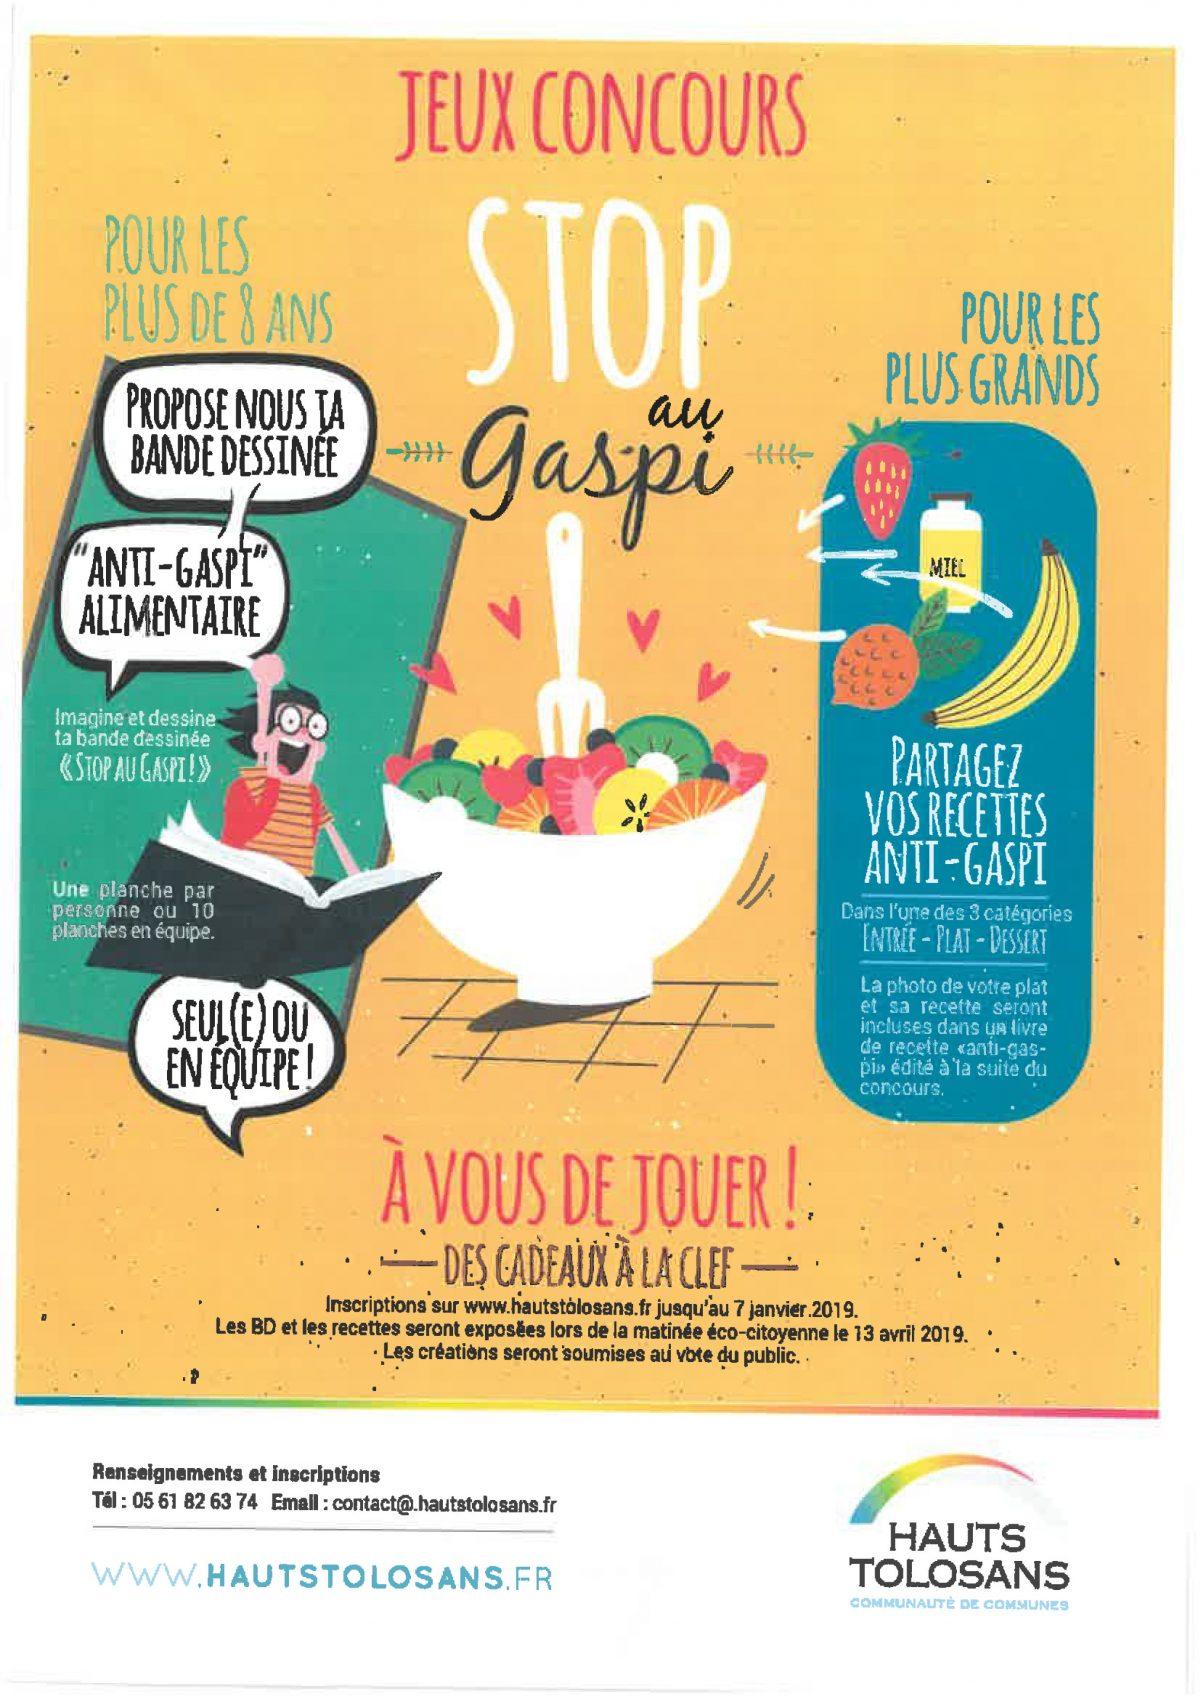 Jeux concours : stop au gaspi